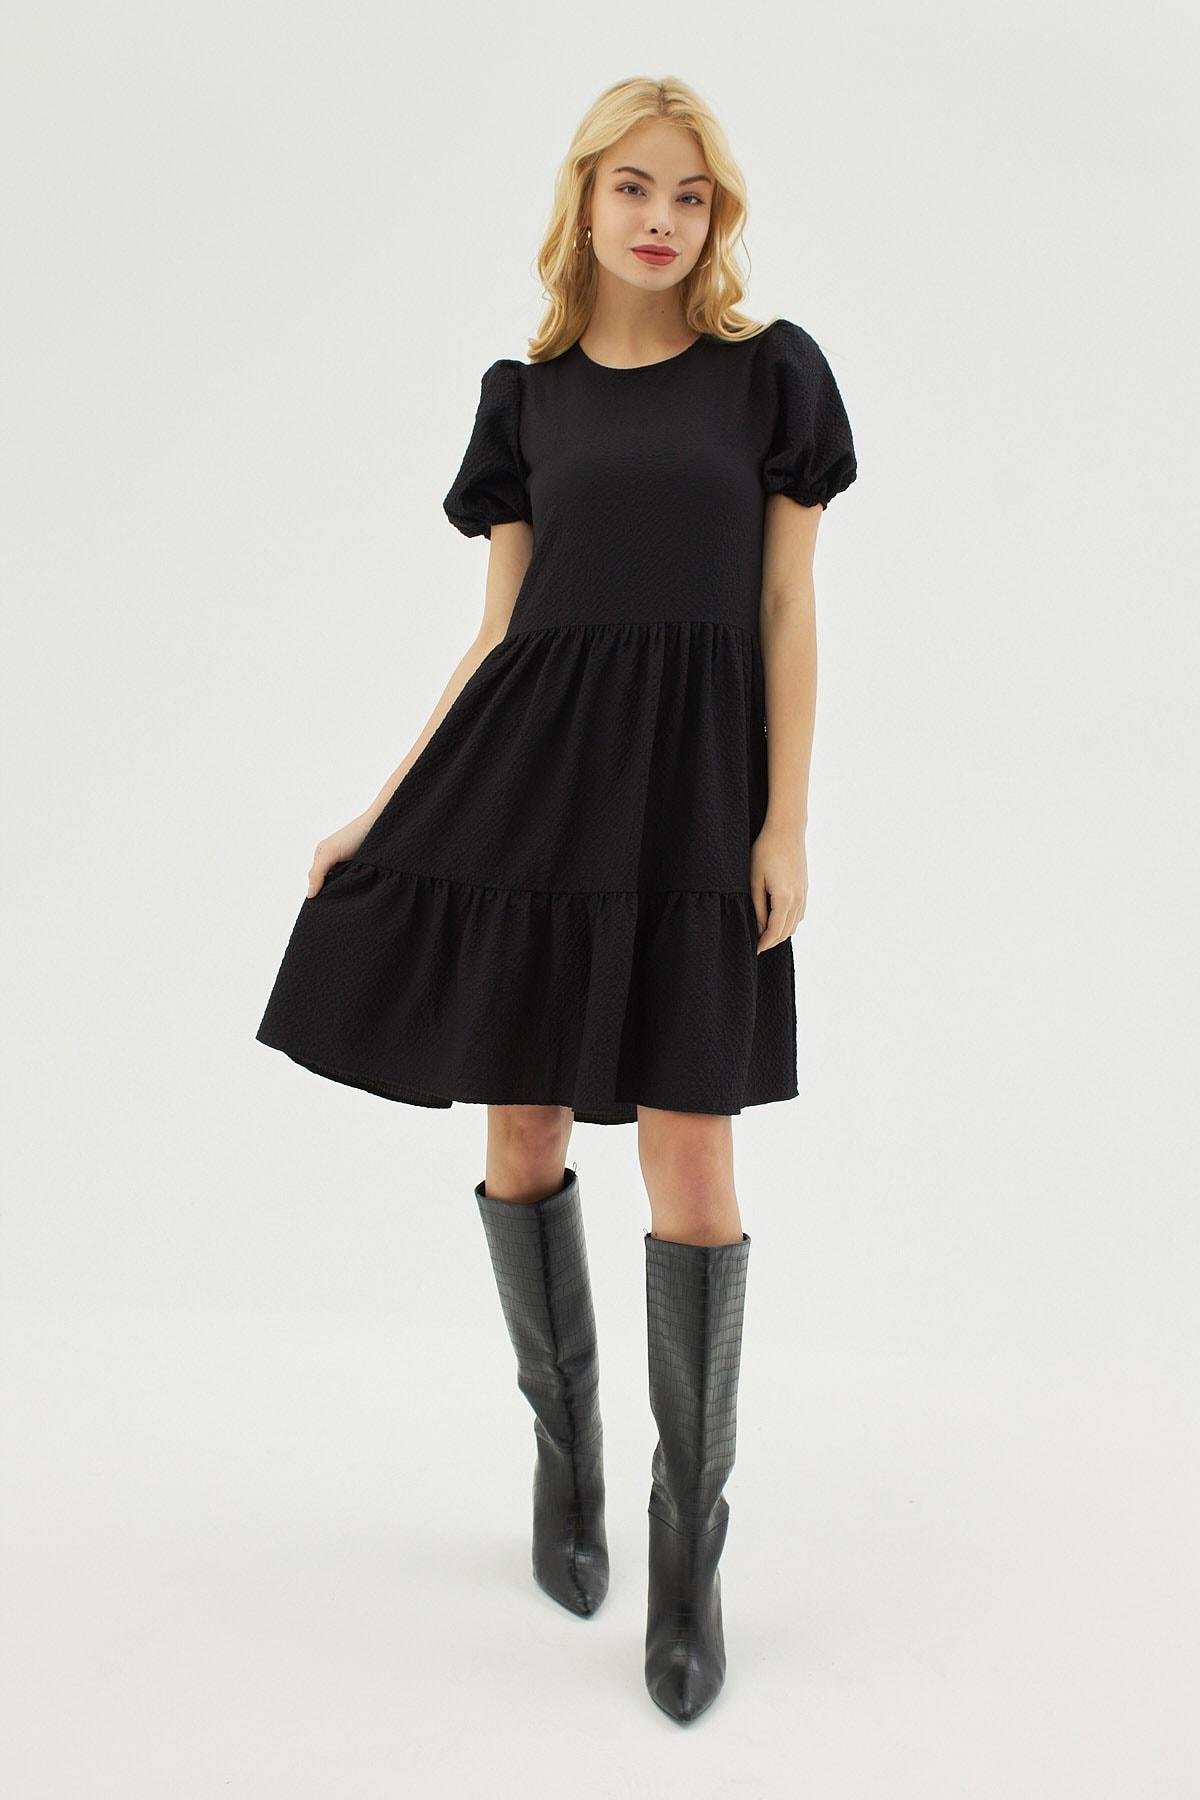 Kadın Siyah Dokulu Balon Kollu Volanlı Elbise P21s201-2172